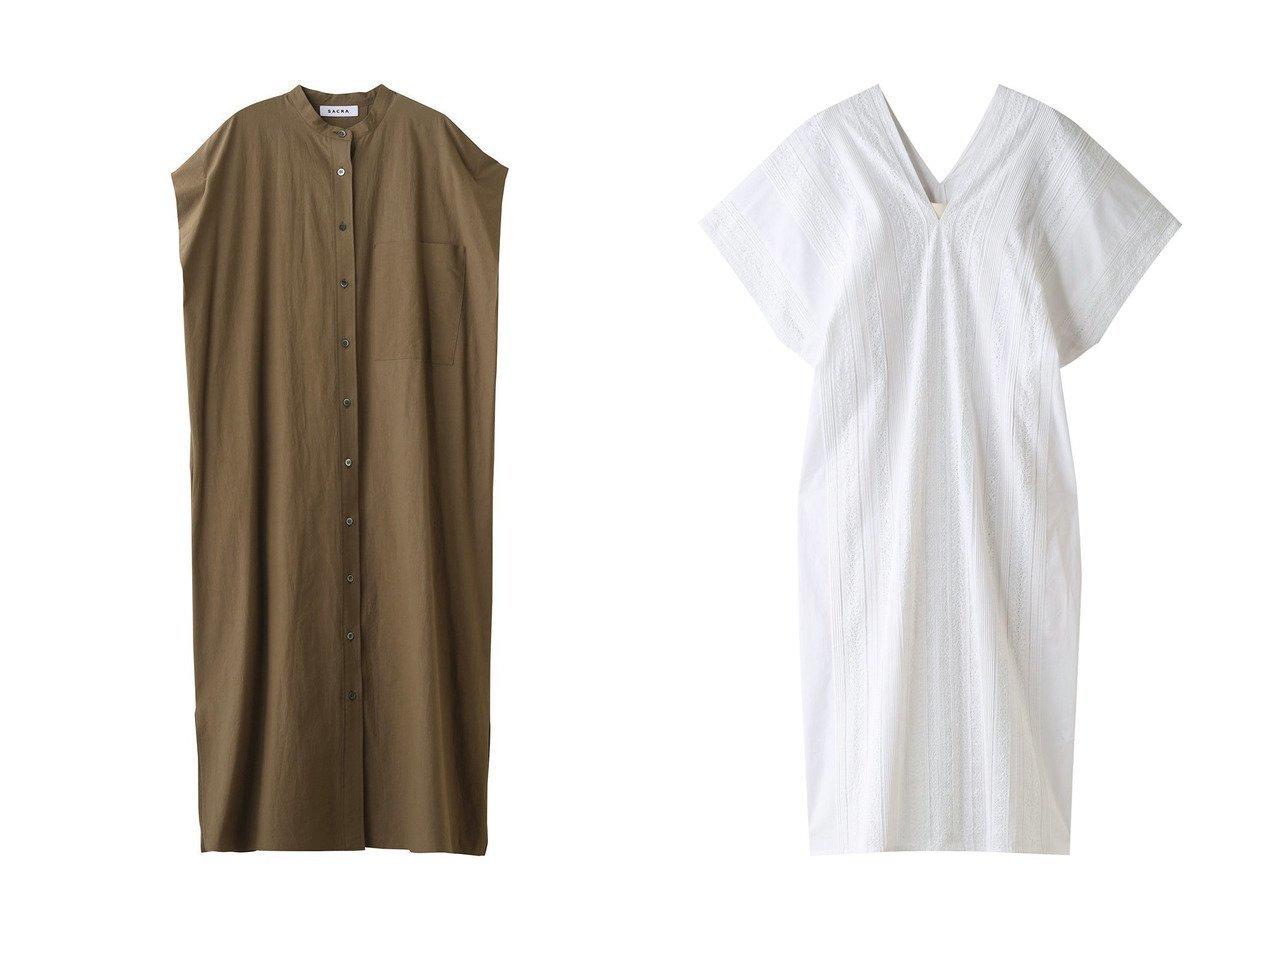 【Pheeta/フィータ】のKate コットンレースタックVネックドレス&【SACRA/サクラ】のウォッシュドタイプライターワンピース 【ワンピース・ドレス】おすすめ!人気、トレンド・レディースファッションの通販 おすすめで人気の流行・トレンド、ファッションの通販商品 メンズファッション・キッズファッション・インテリア・家具・レディースファッション・服の通販 founy(ファニー) https://founy.com/ ファッション Fashion レディースファッション WOMEN ワンピース Dress ドレス Party Dresses スリーブ タイプライター ロング ワッシャー S/S・春夏 SS・Spring/Summer インド ドレス フォルム レース 春 Spring  ID:crp329100000035550